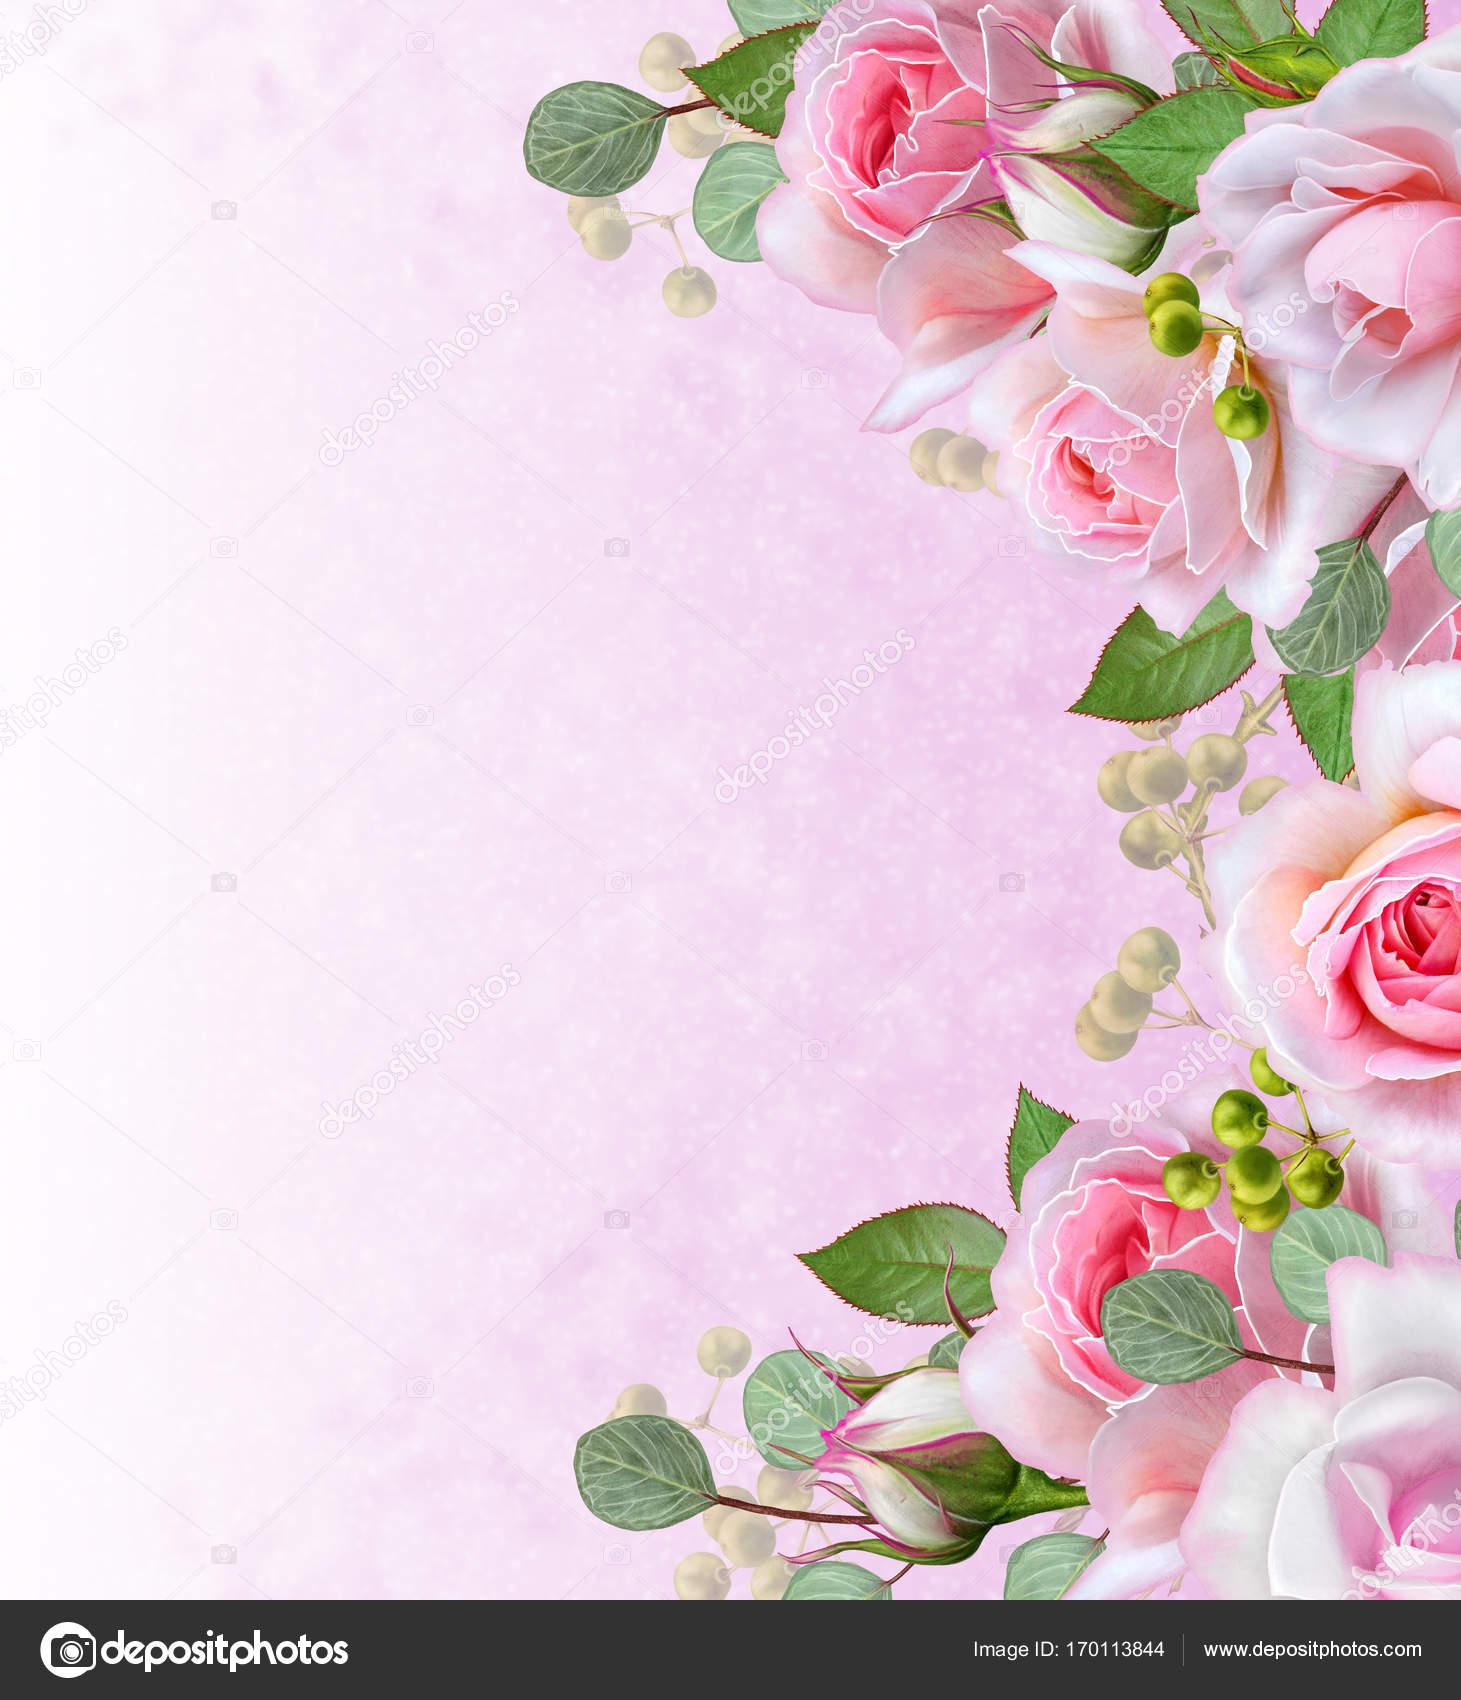 Открытка с благодарностью цветы и ягоды в букете 37